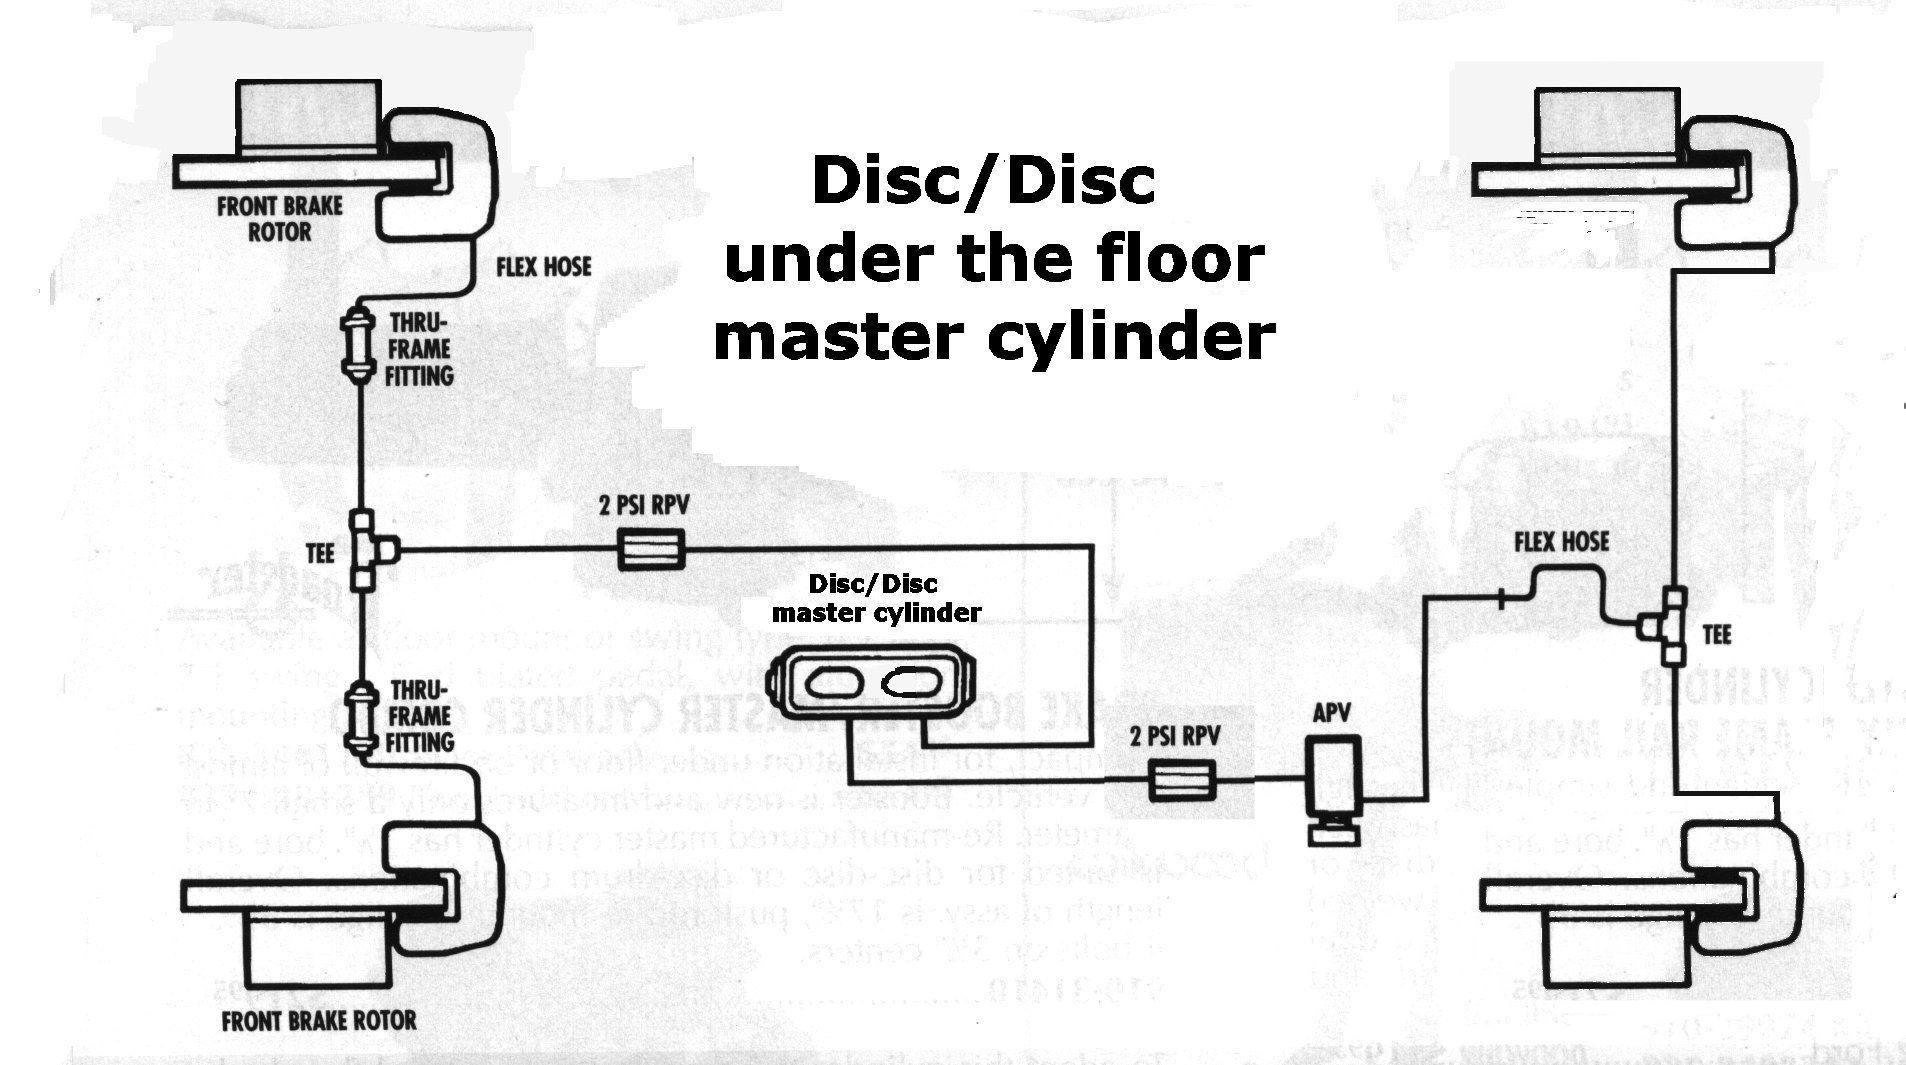 bose 321 fuse diagram